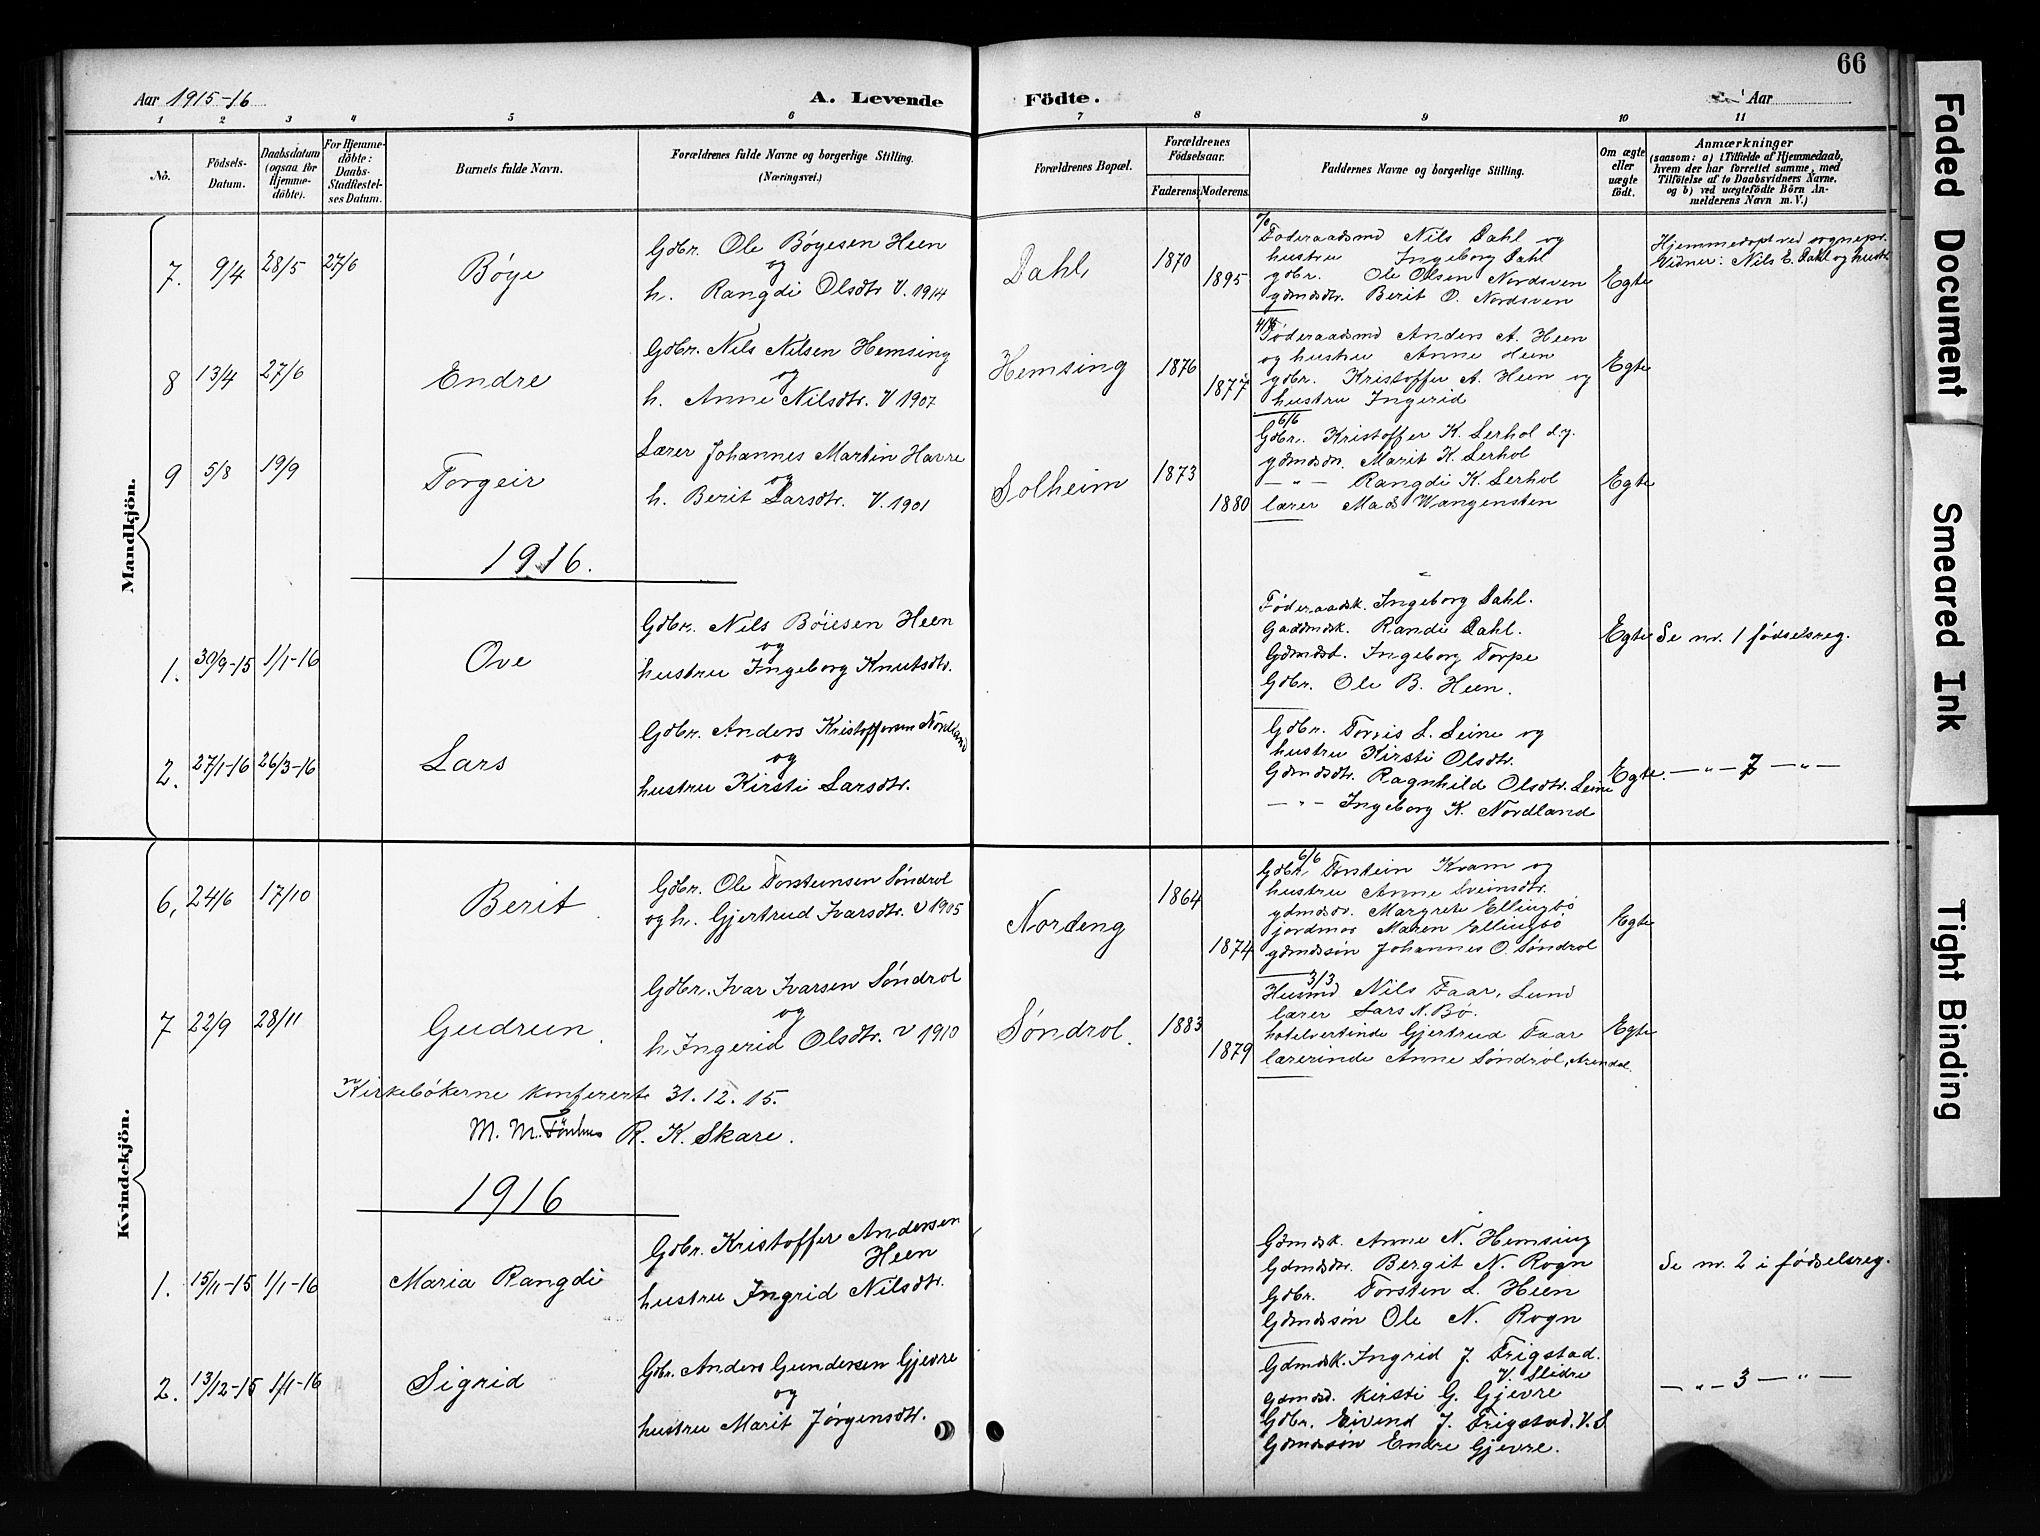 SAH, Vang prestekontor, Valdres, Klokkerbok nr. 6, 1893-1918, s. 66